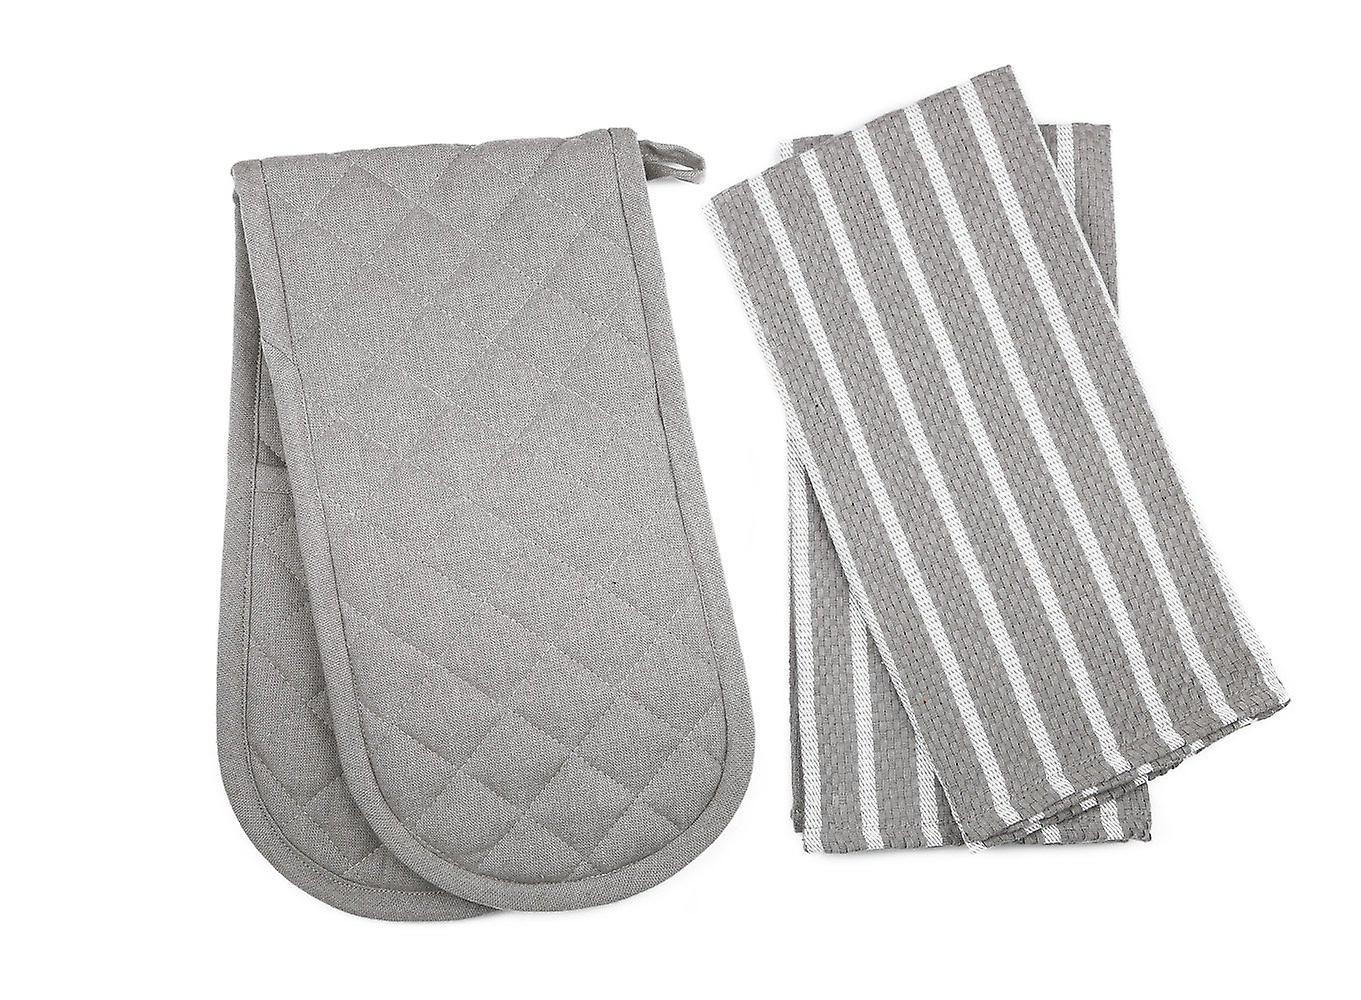 Penguin Home Oven Glove & Tea Towel Set - 100 % Cotton 3 Piece Set